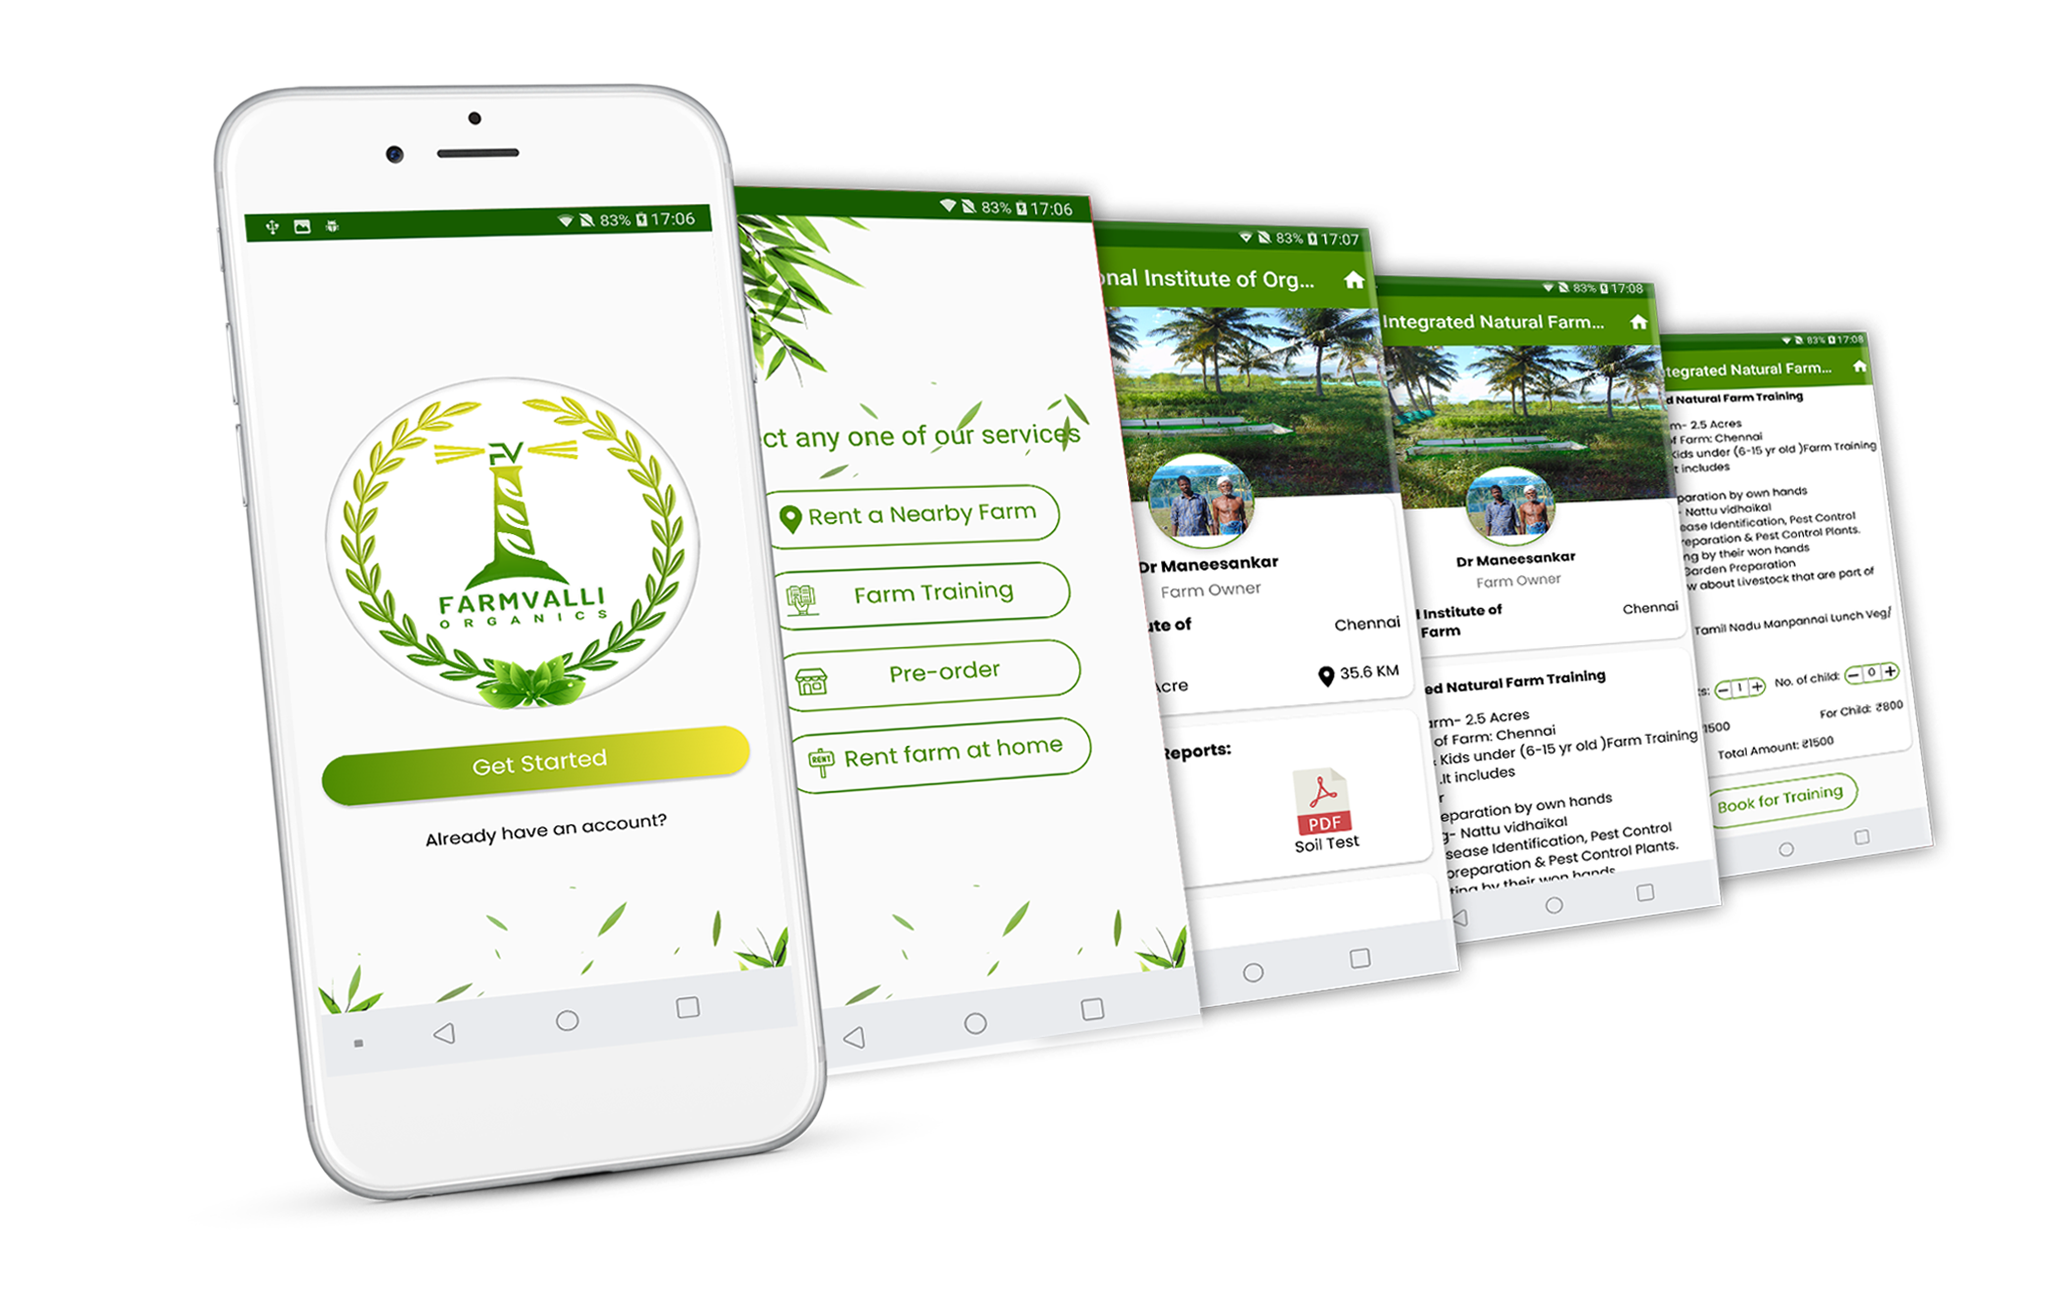 Farmvalli App